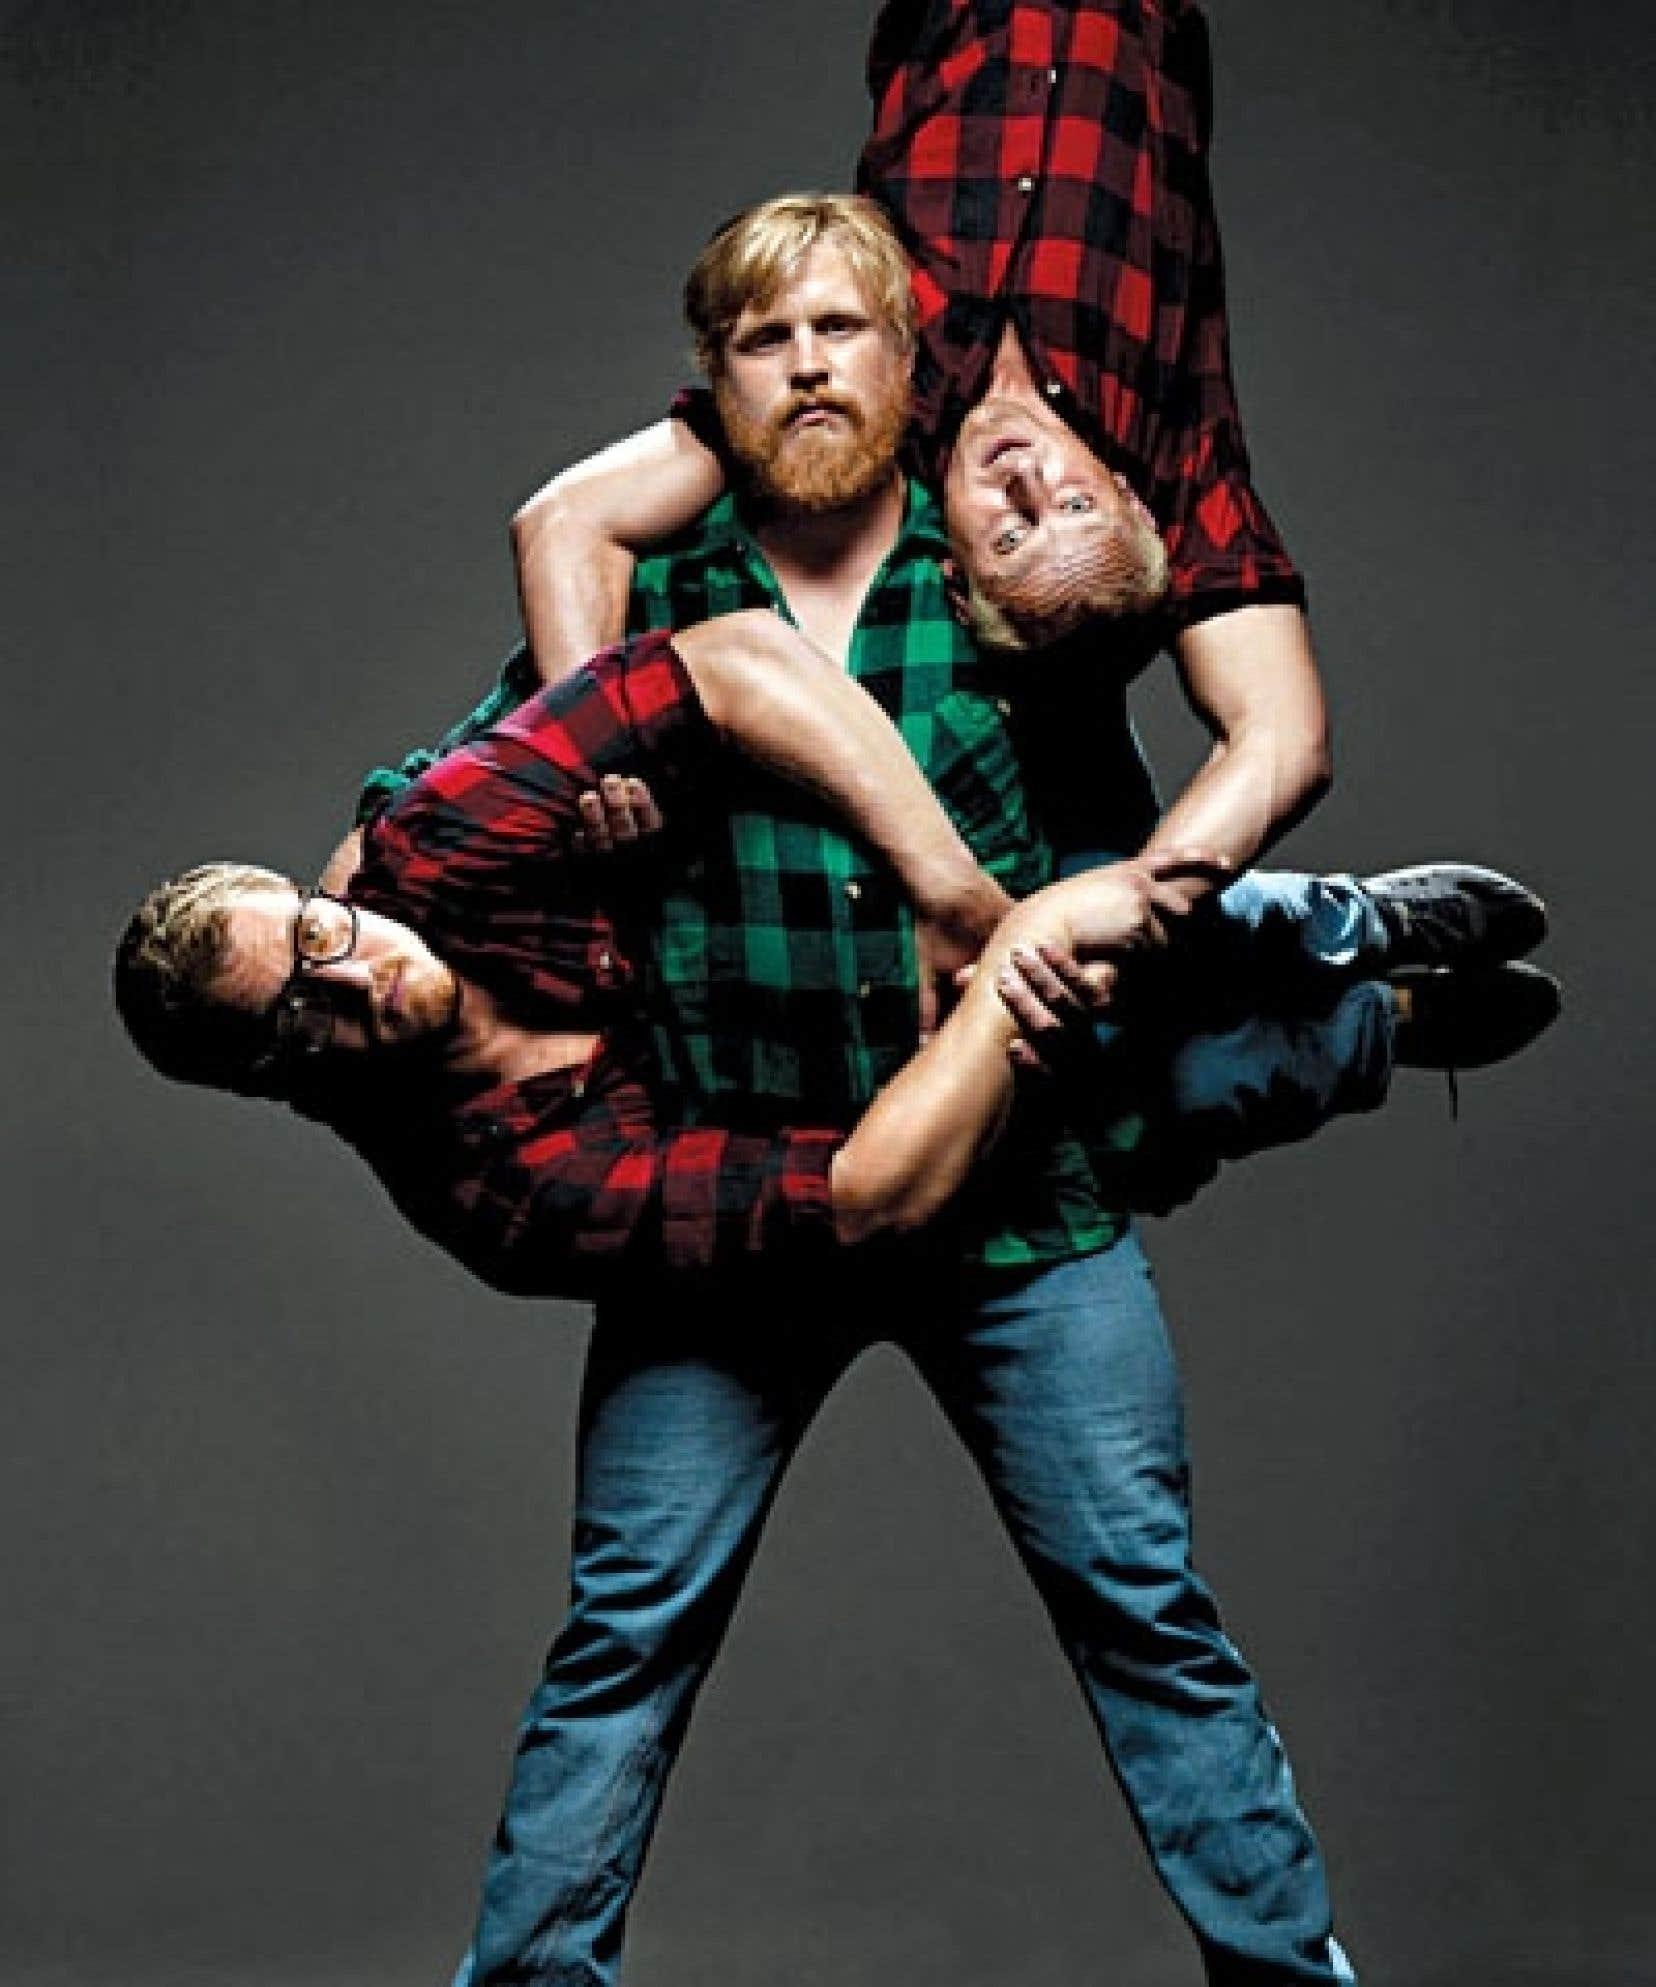 <div> Undermän de Circus Cirkör présente une fable où trois costauds sont plaqués par leurs douces moitiés.</div>